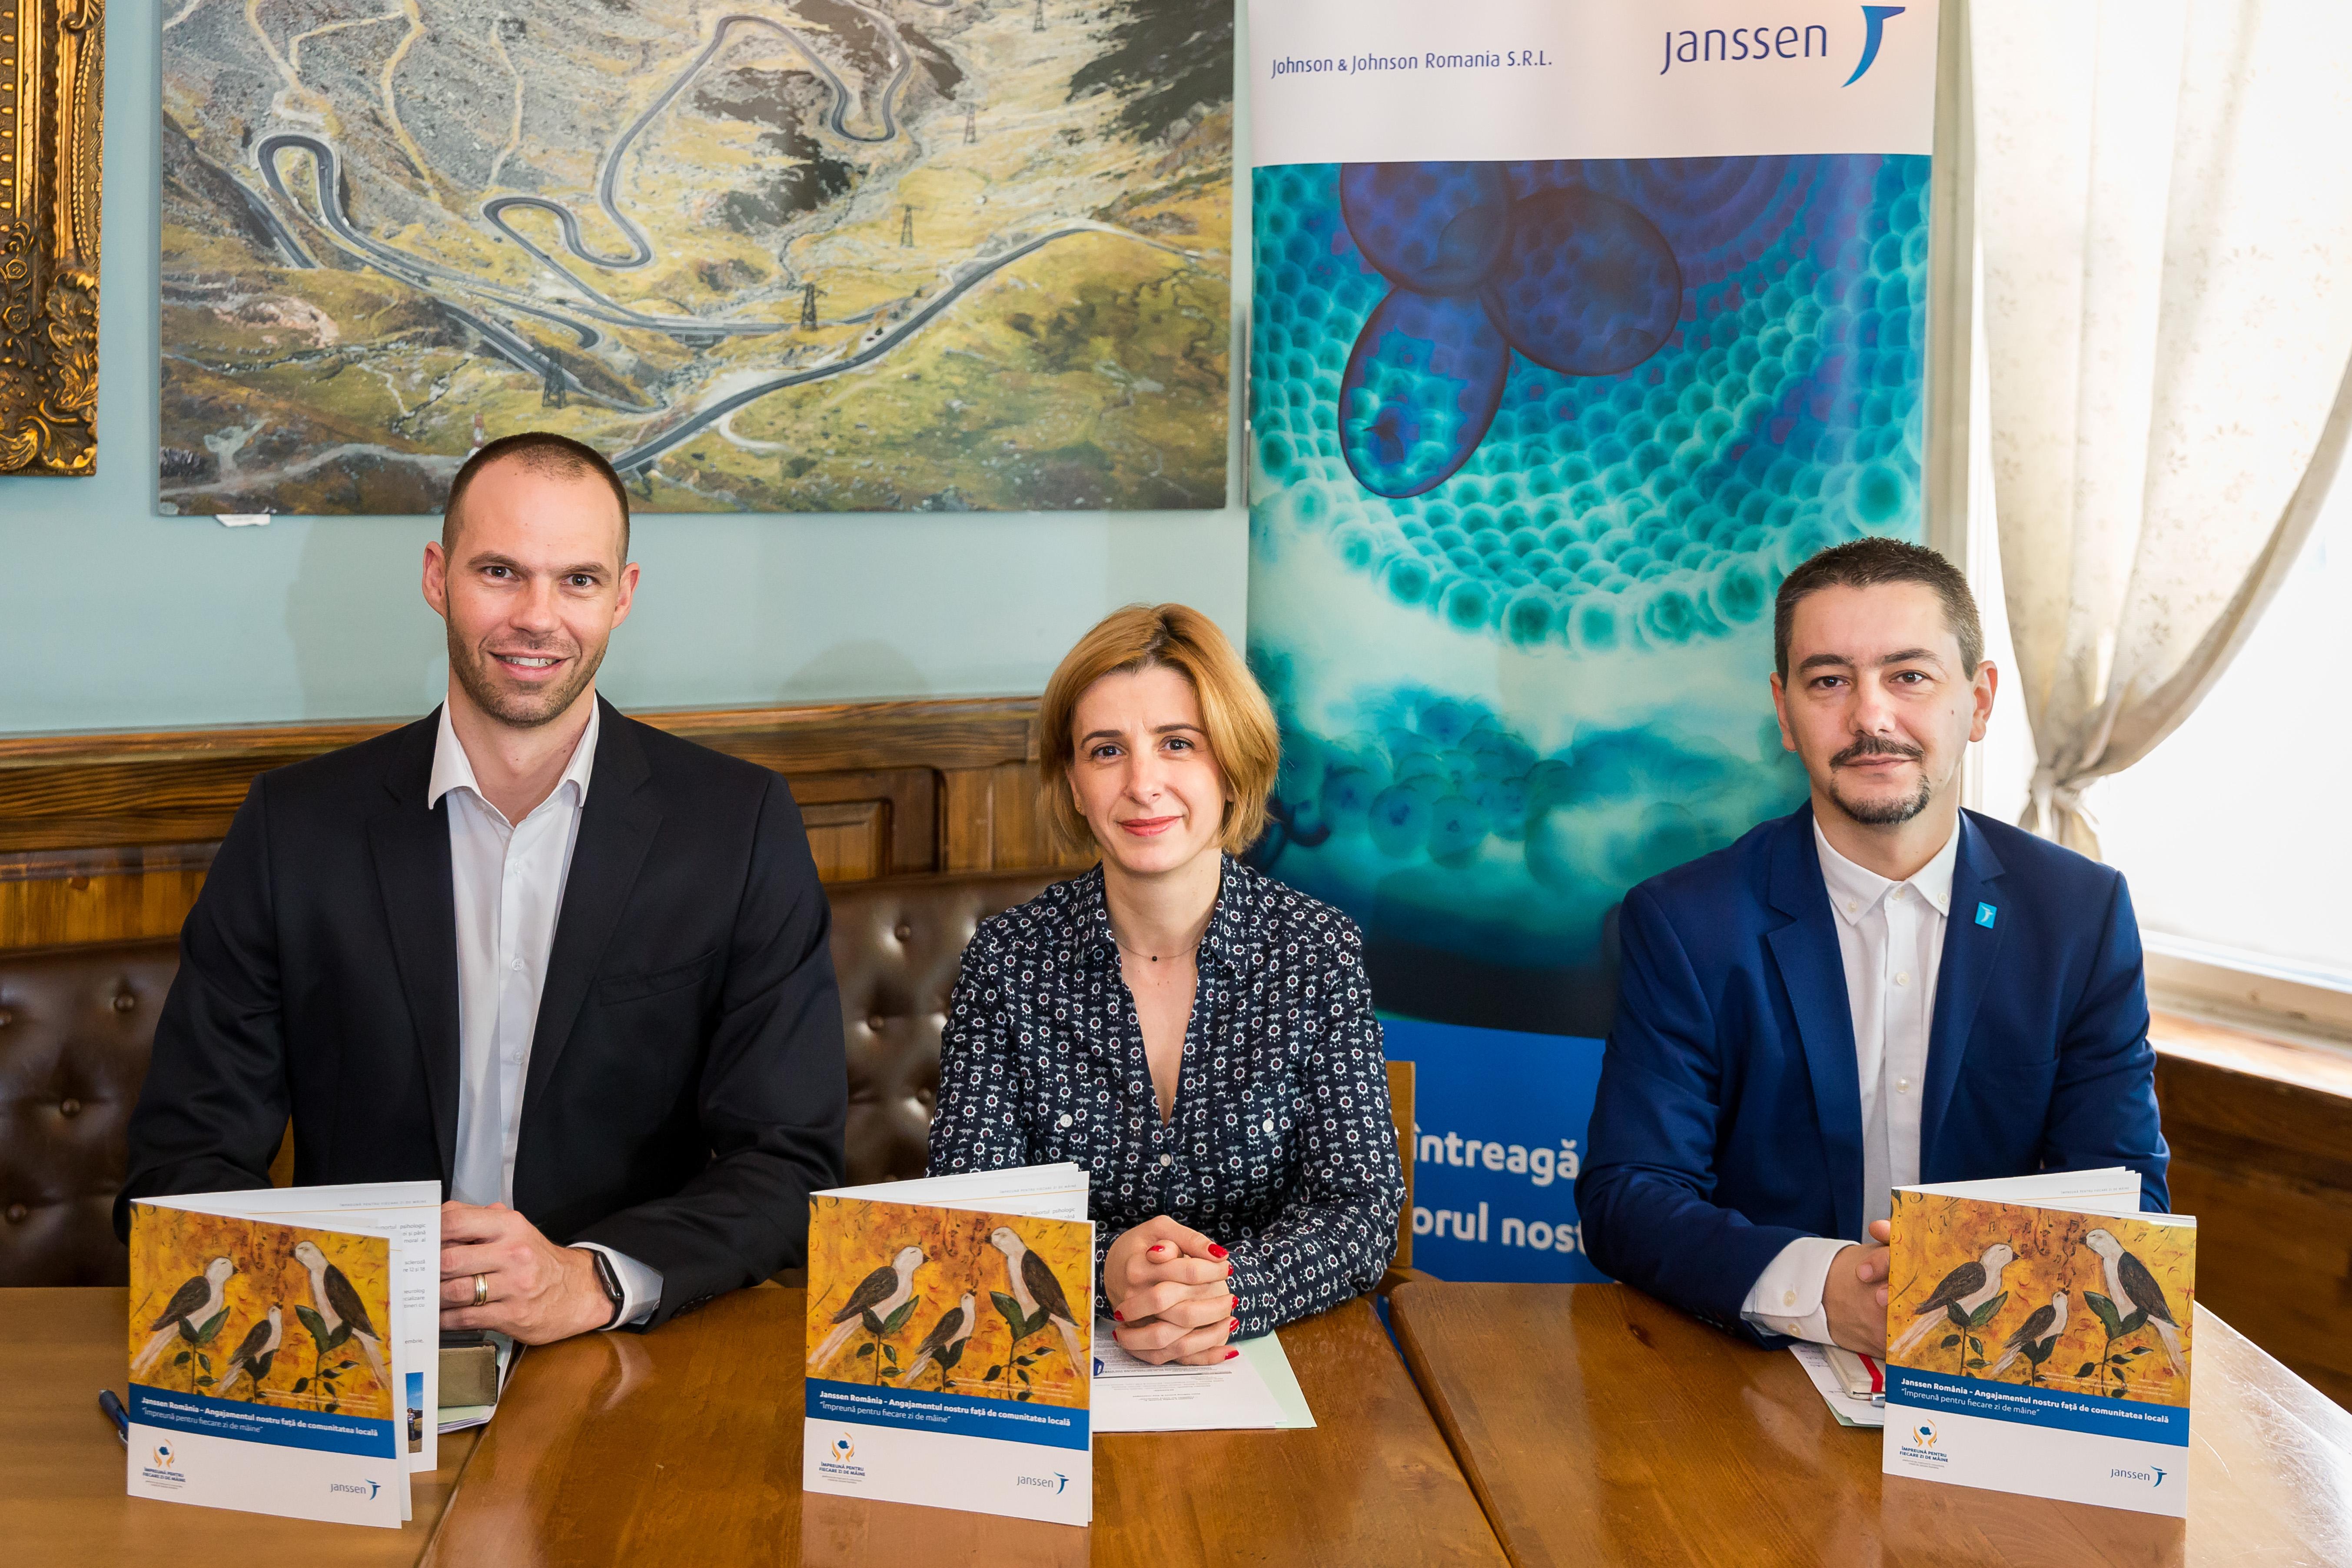 Janssen România a lansat platforma de implicare în comunitate - Împreună pentru fiecare zi de mâine